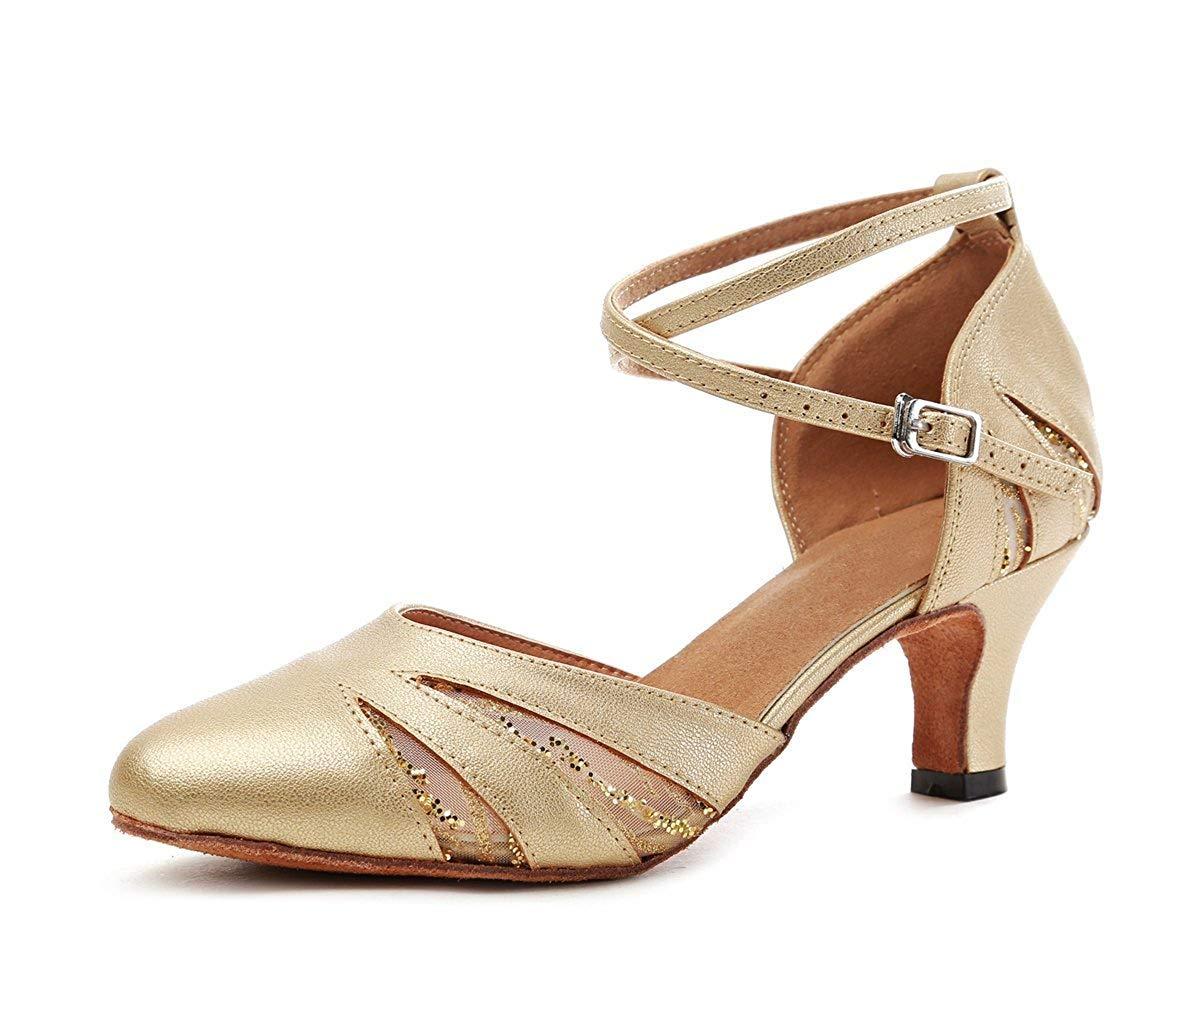 Qiusa GL261 Frauen Geschlossene Zehe Gold Mesh Synthetische Salsa Latin Dance Schuhe Partei Pumpen UK 6 5 (Farbe   - Größe   -)